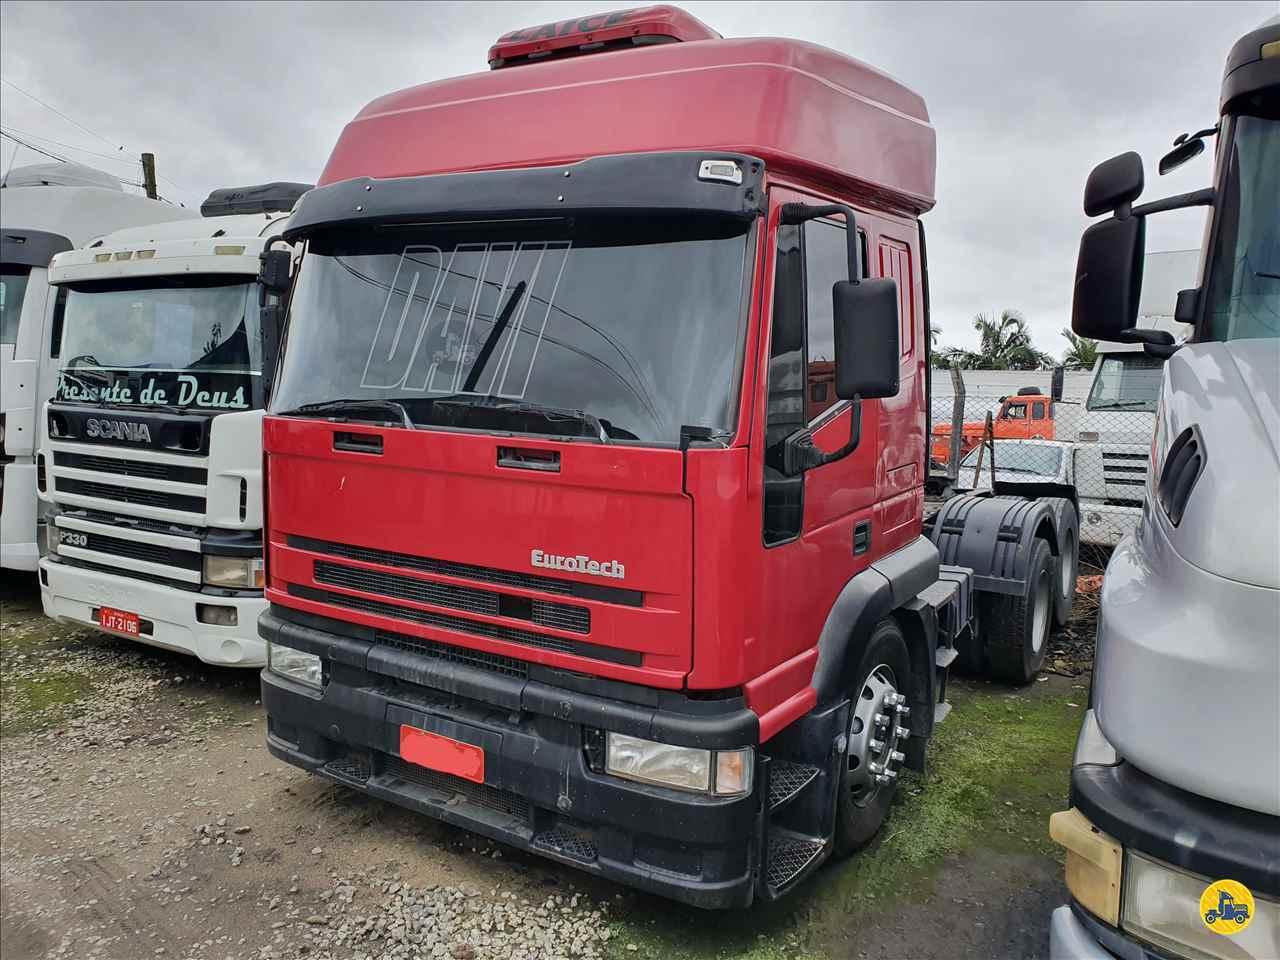 CAMINHAO IVECO EUROTECH 450E37 Cavalo Mecânico Truck 6x2 Trevo Caminhões - AGB ITAJAI SANTA CATARINA SC